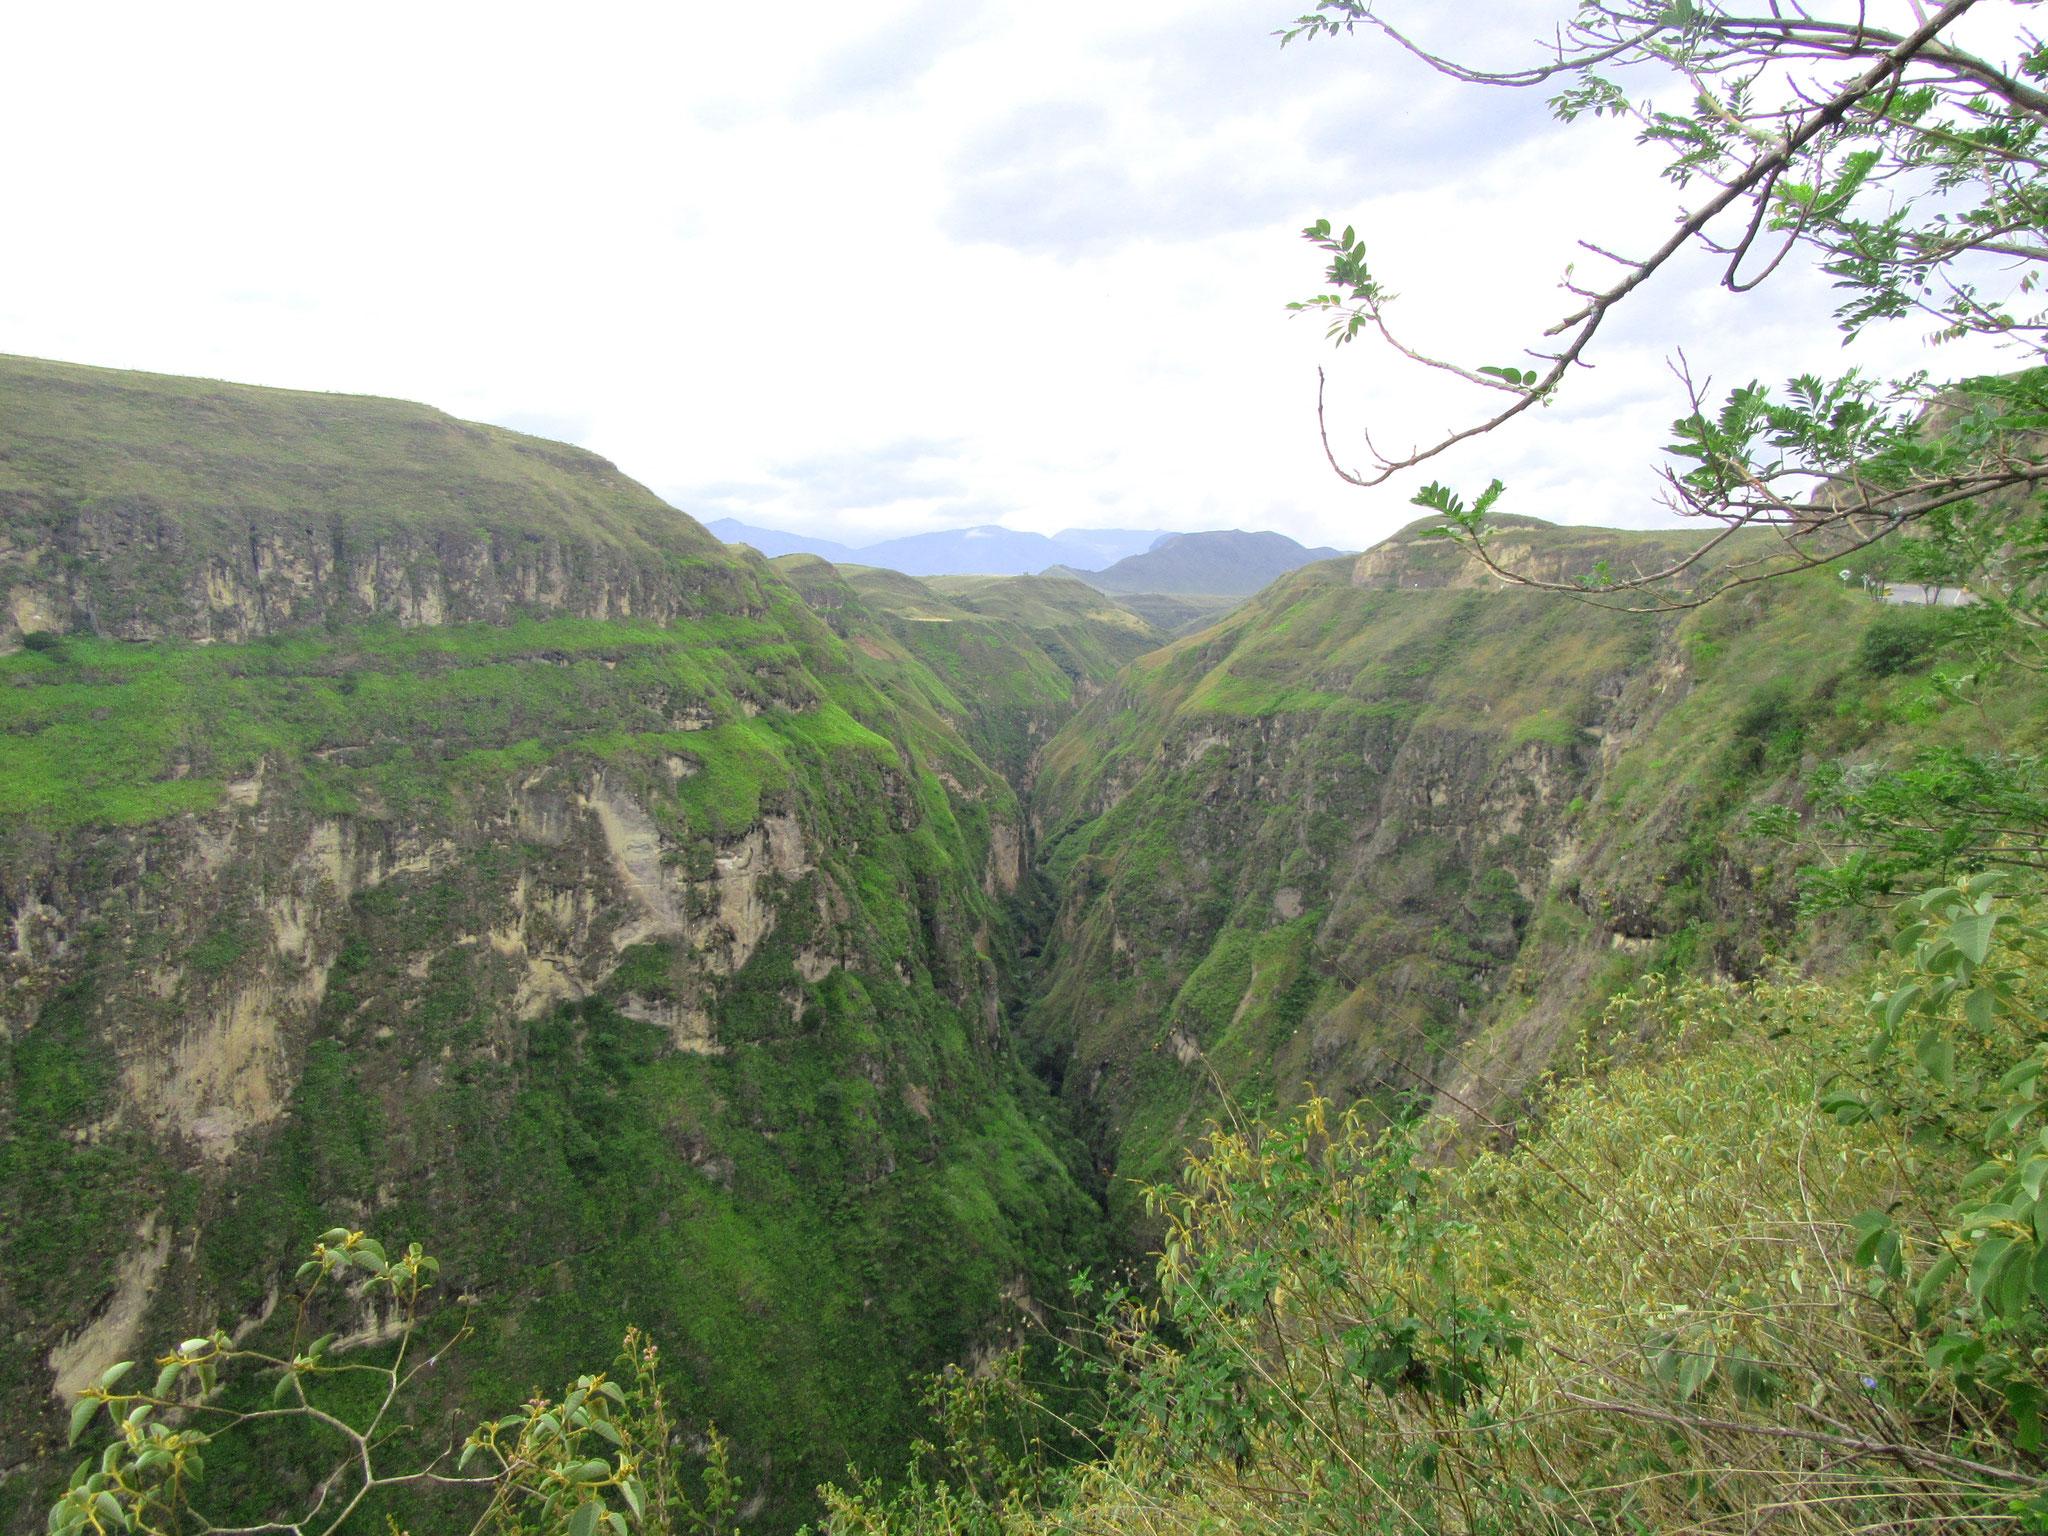 Fahrt durch die Anden